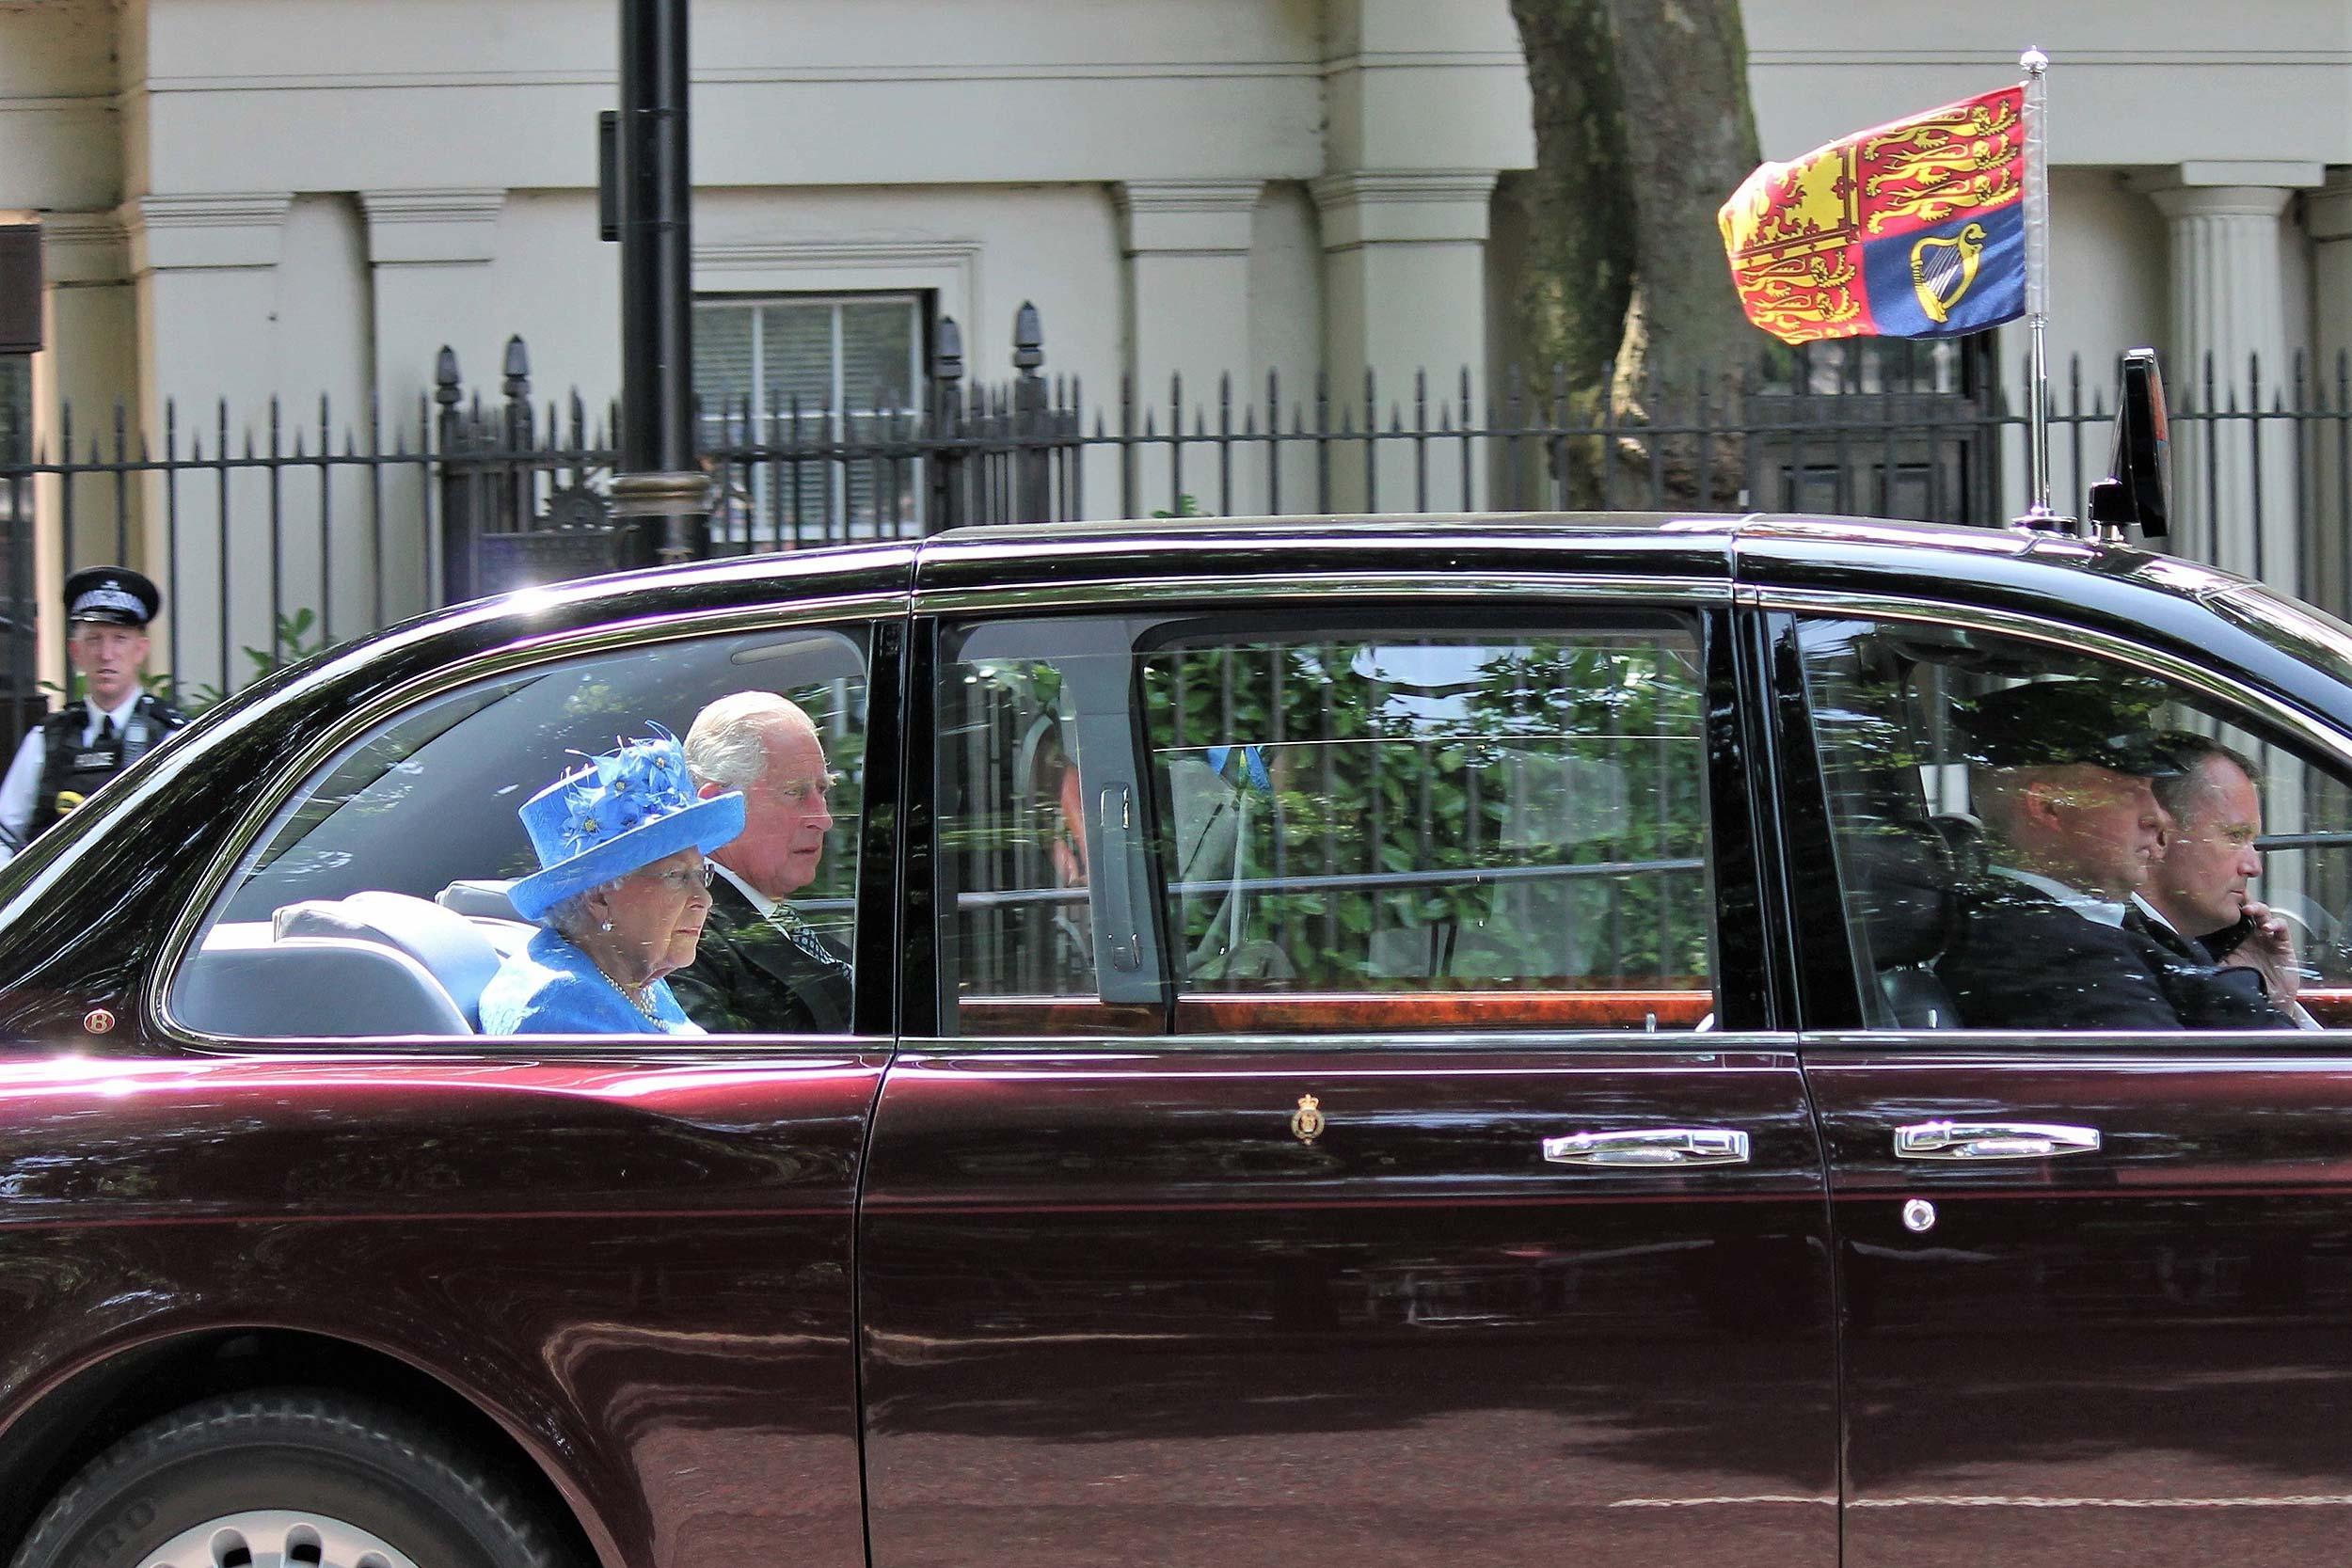 Royal rides and Royal riders